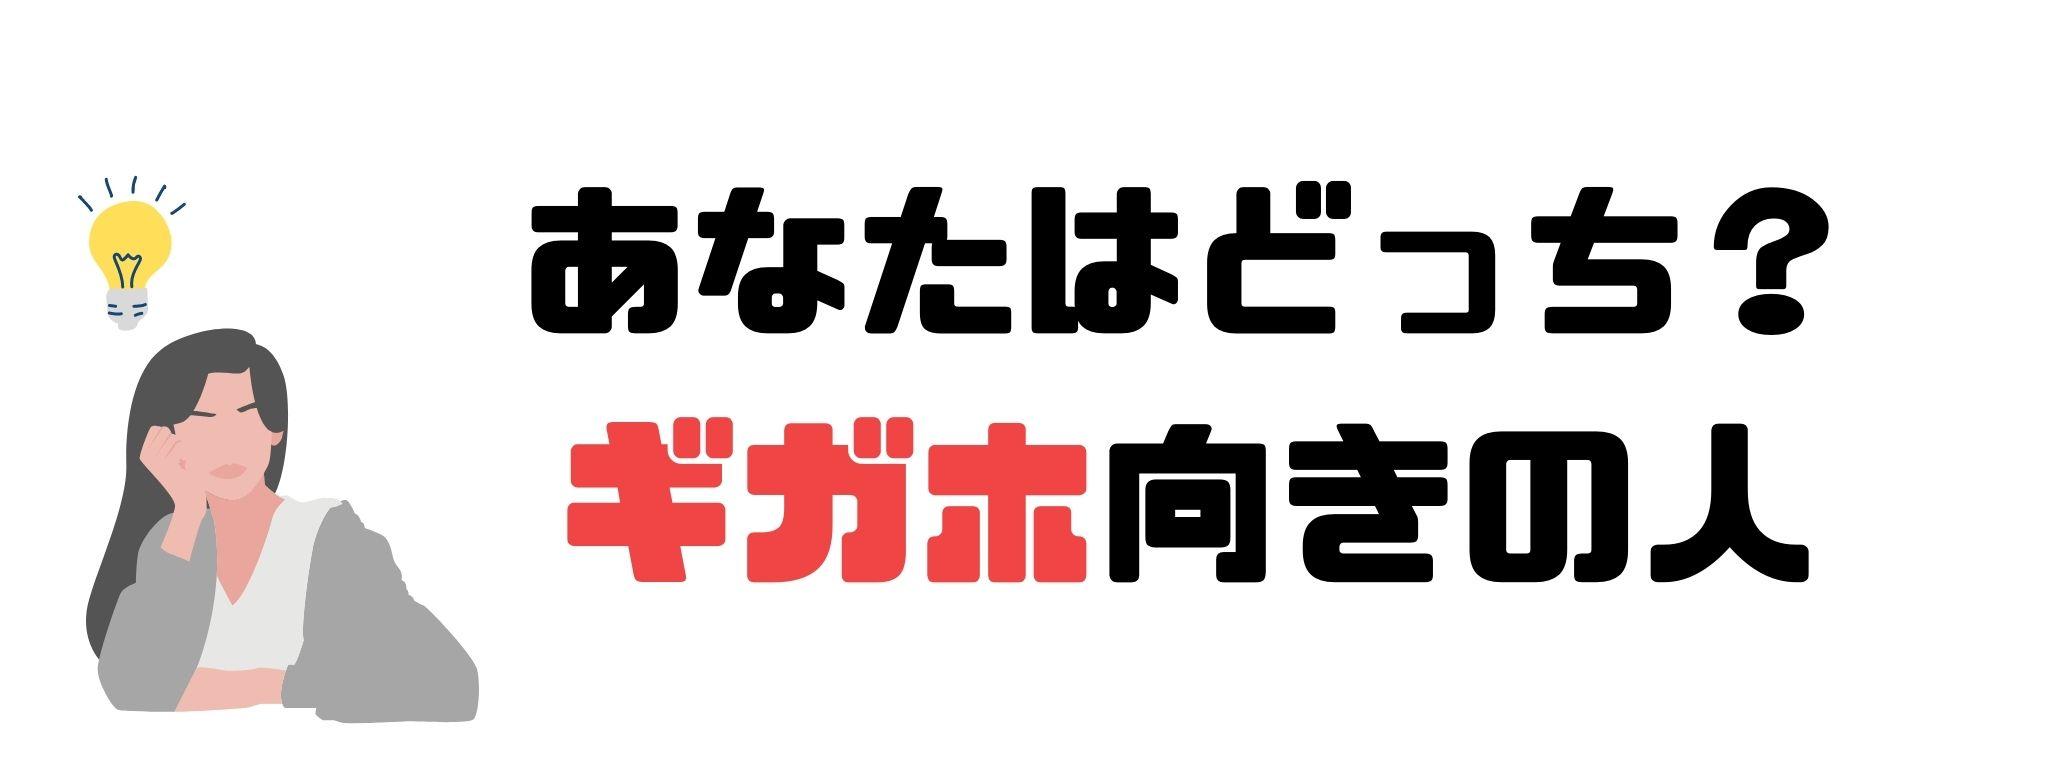 ドコモ_かけ放題_ギガホ向き